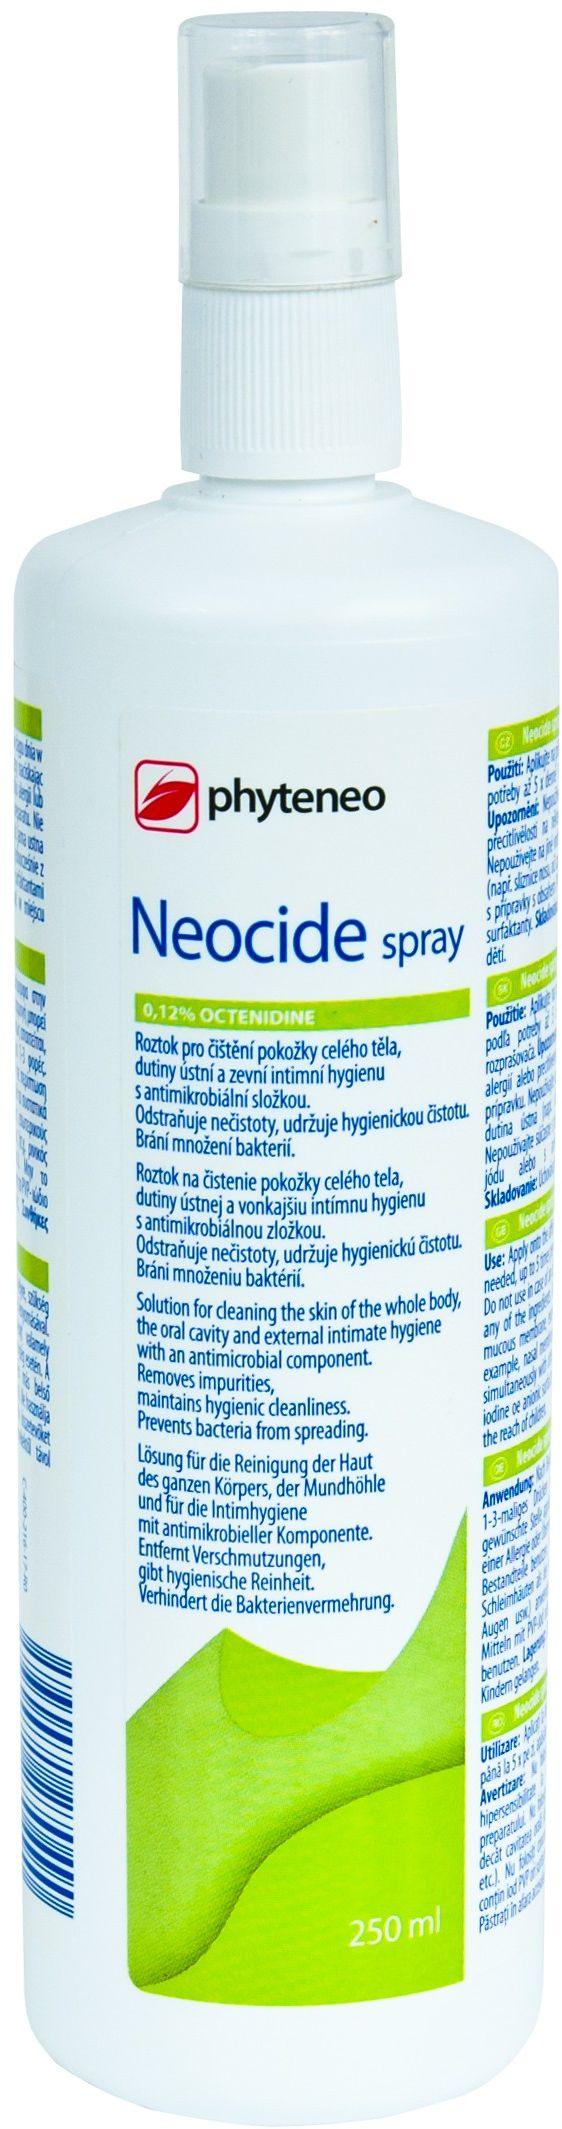 Preparat antybakteryjny do skóry i błon śluzowych Neocide Spray 250ml